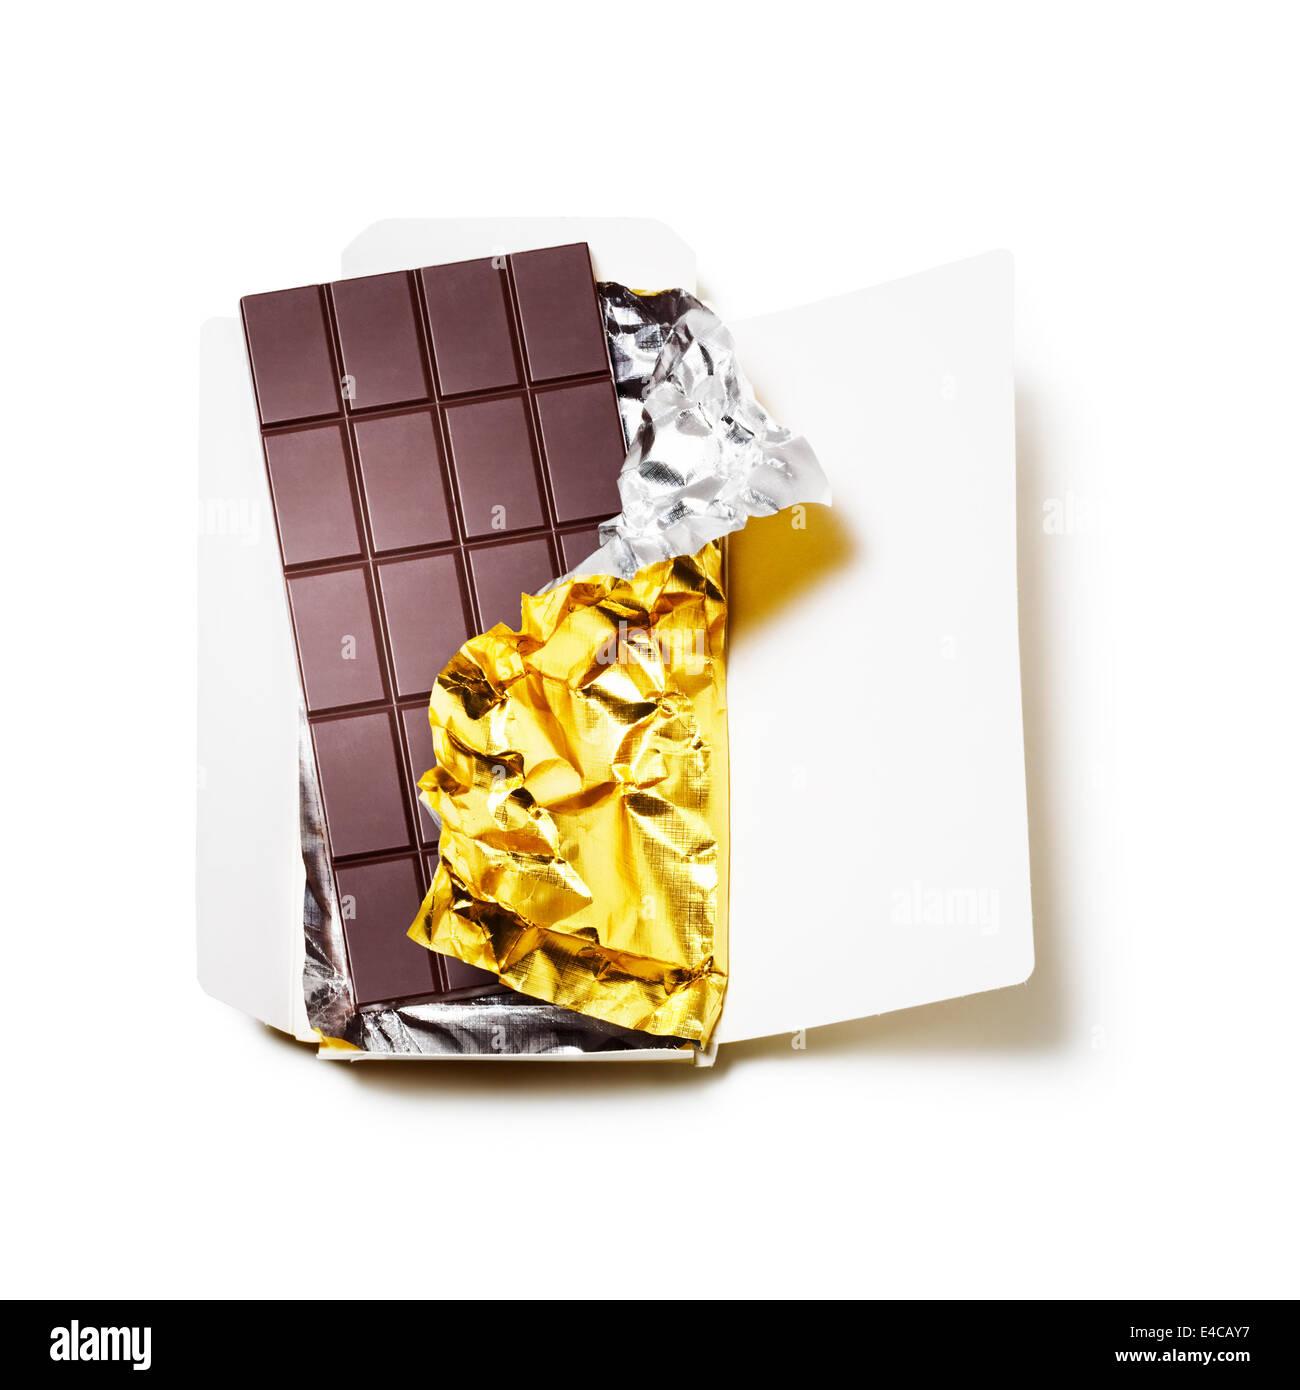 tafel schokolade eingewickelt in alufolie mit offenen karton auf wei em hintergrund stockfoto. Black Bedroom Furniture Sets. Home Design Ideas